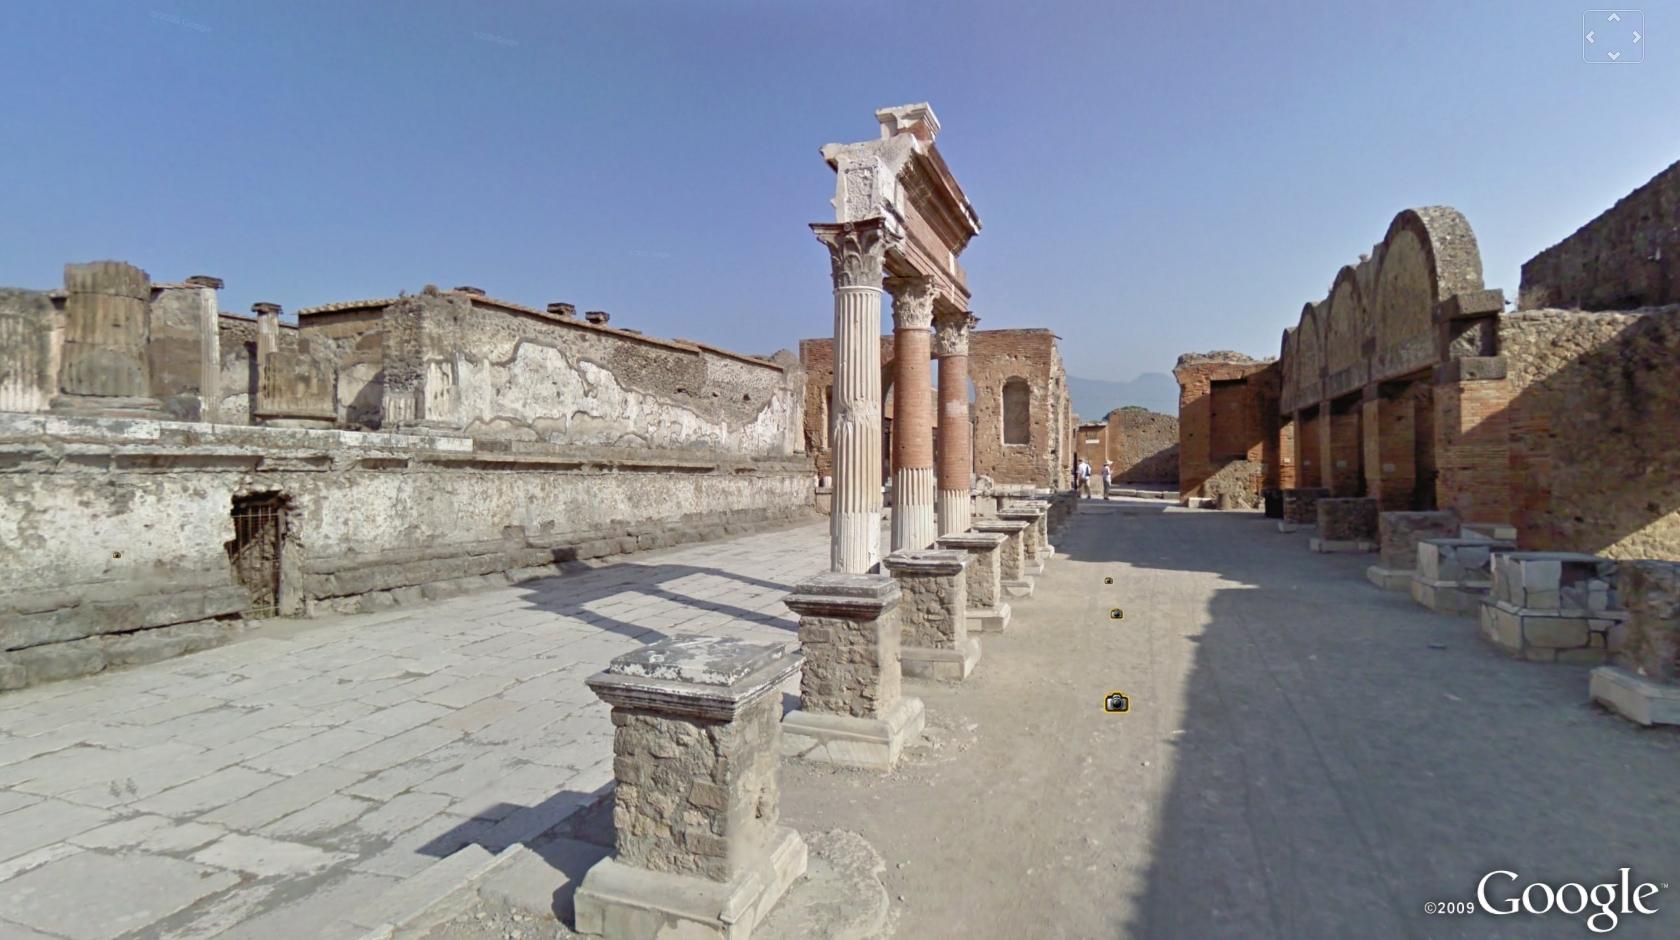 Imagini realizate pentru Google Street View din Pompei